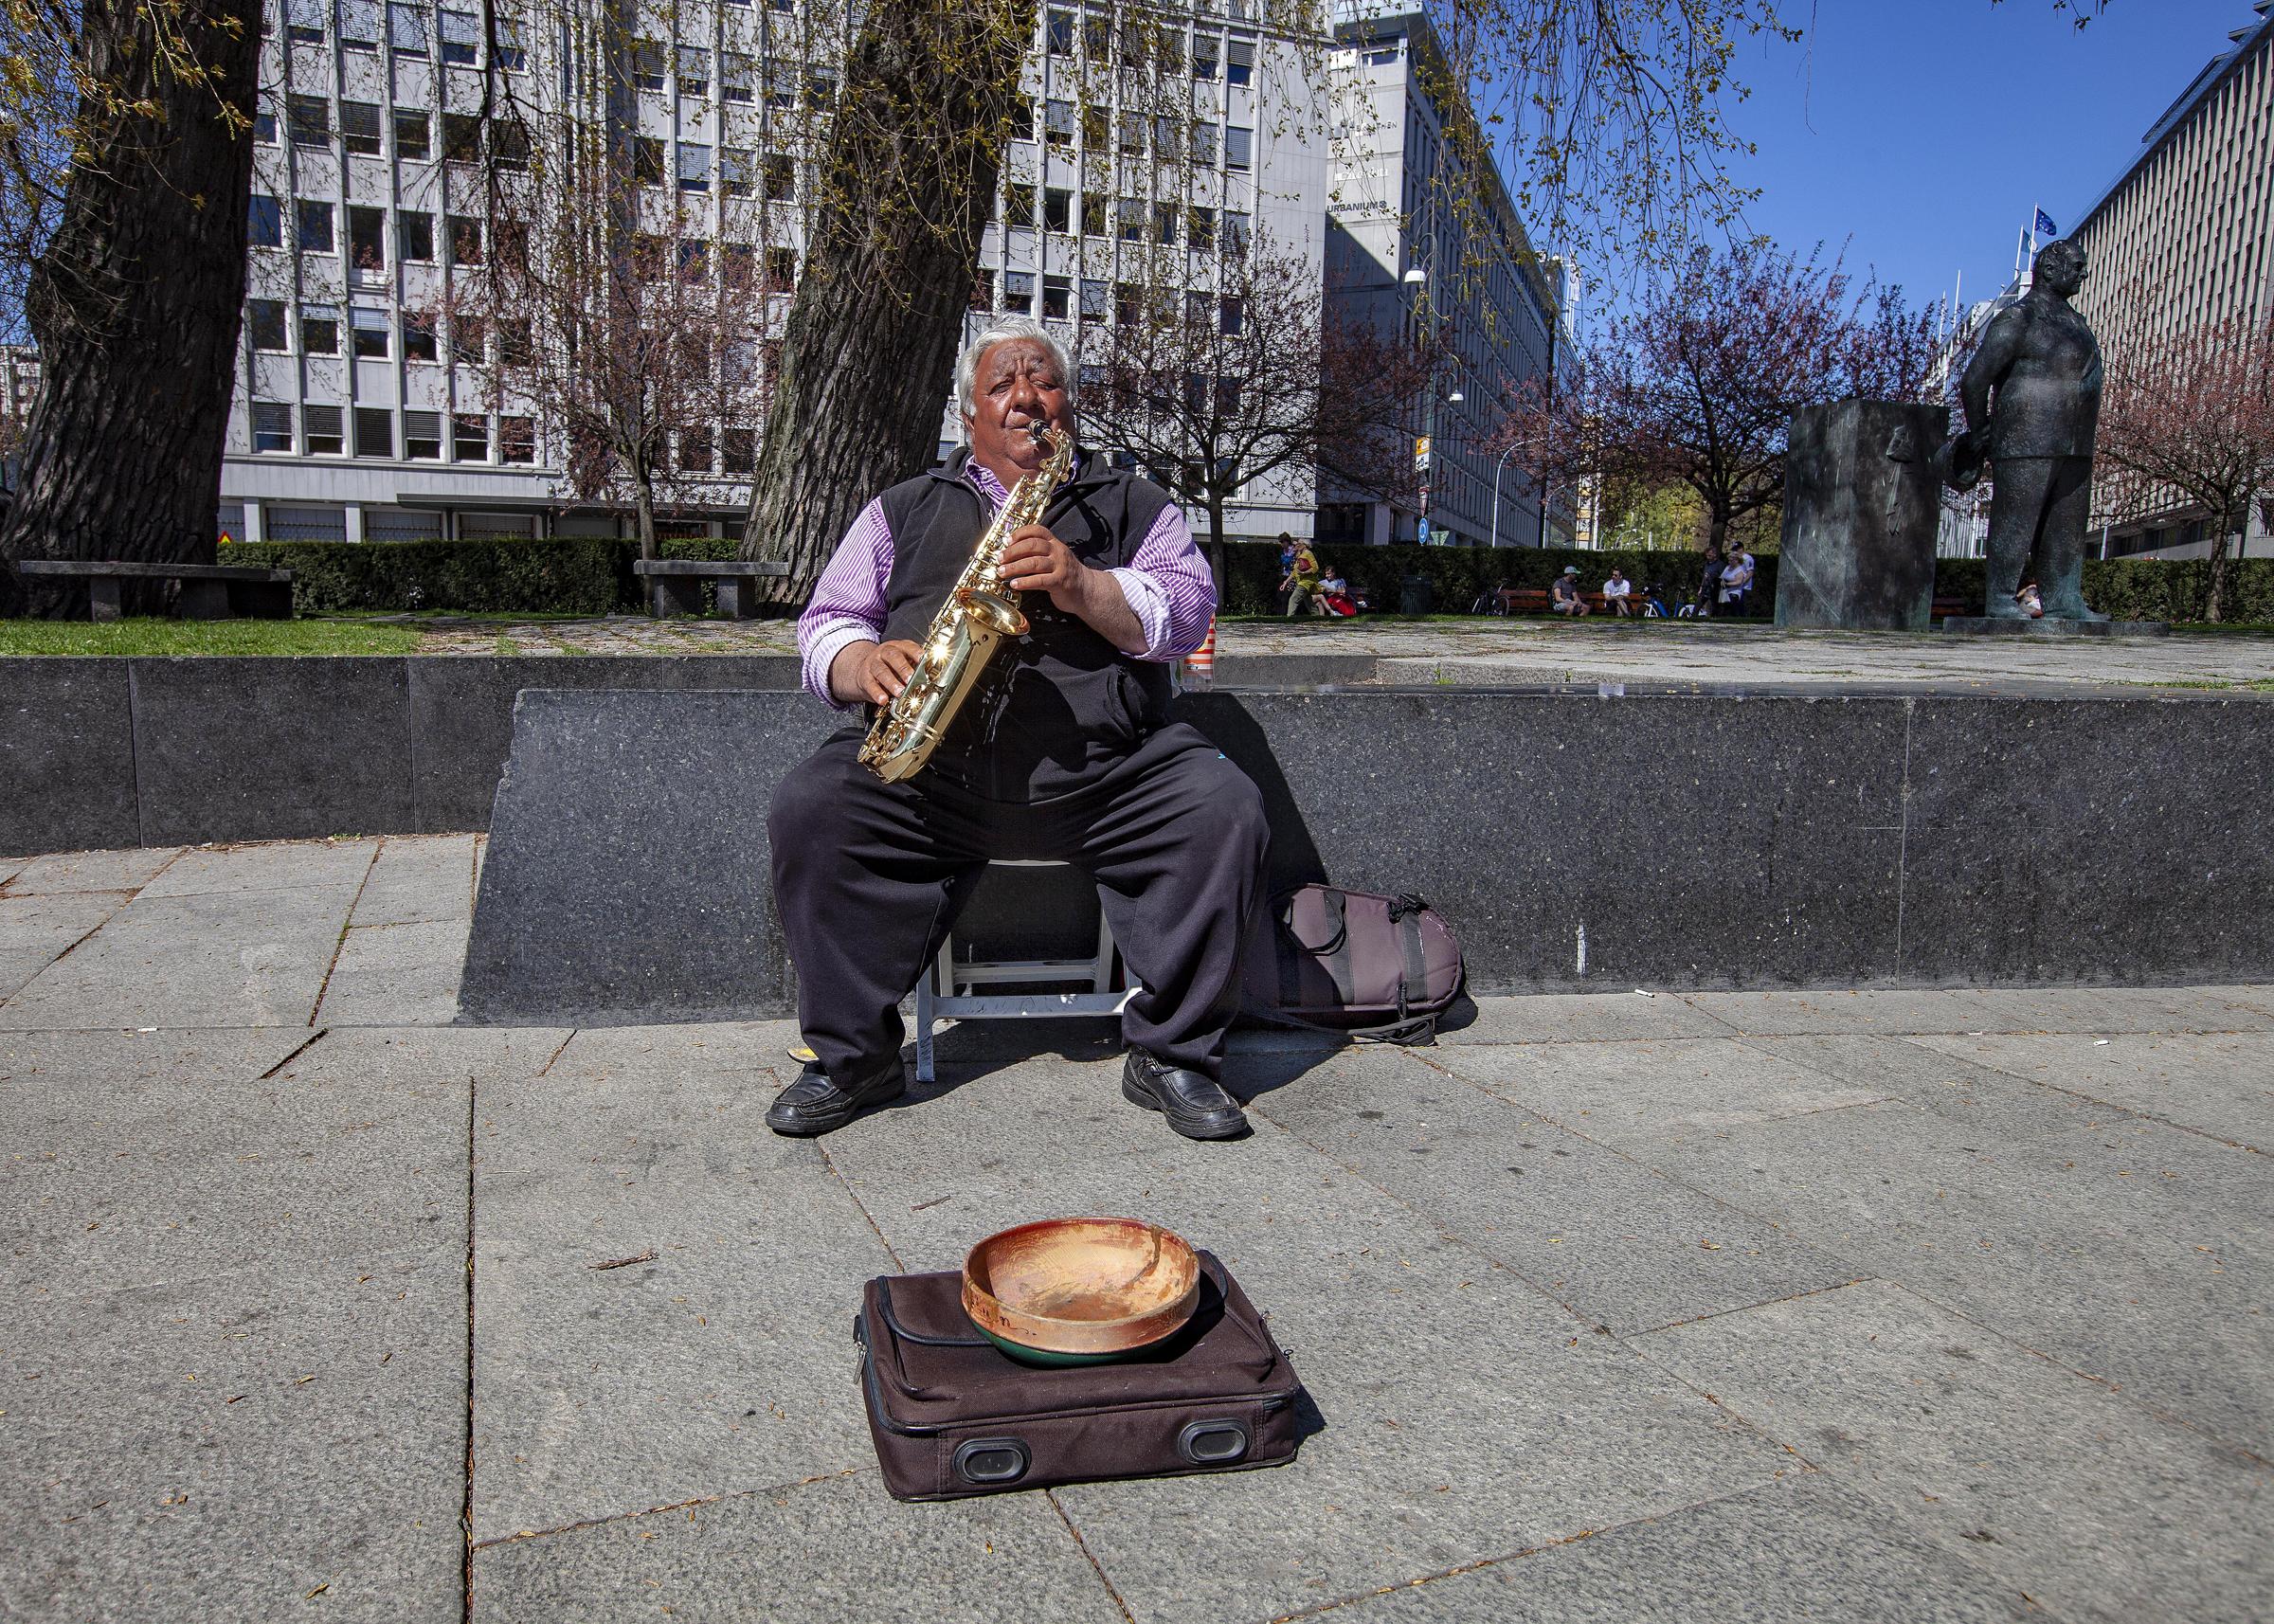 05-12 - Jazz man-marianne.jpg